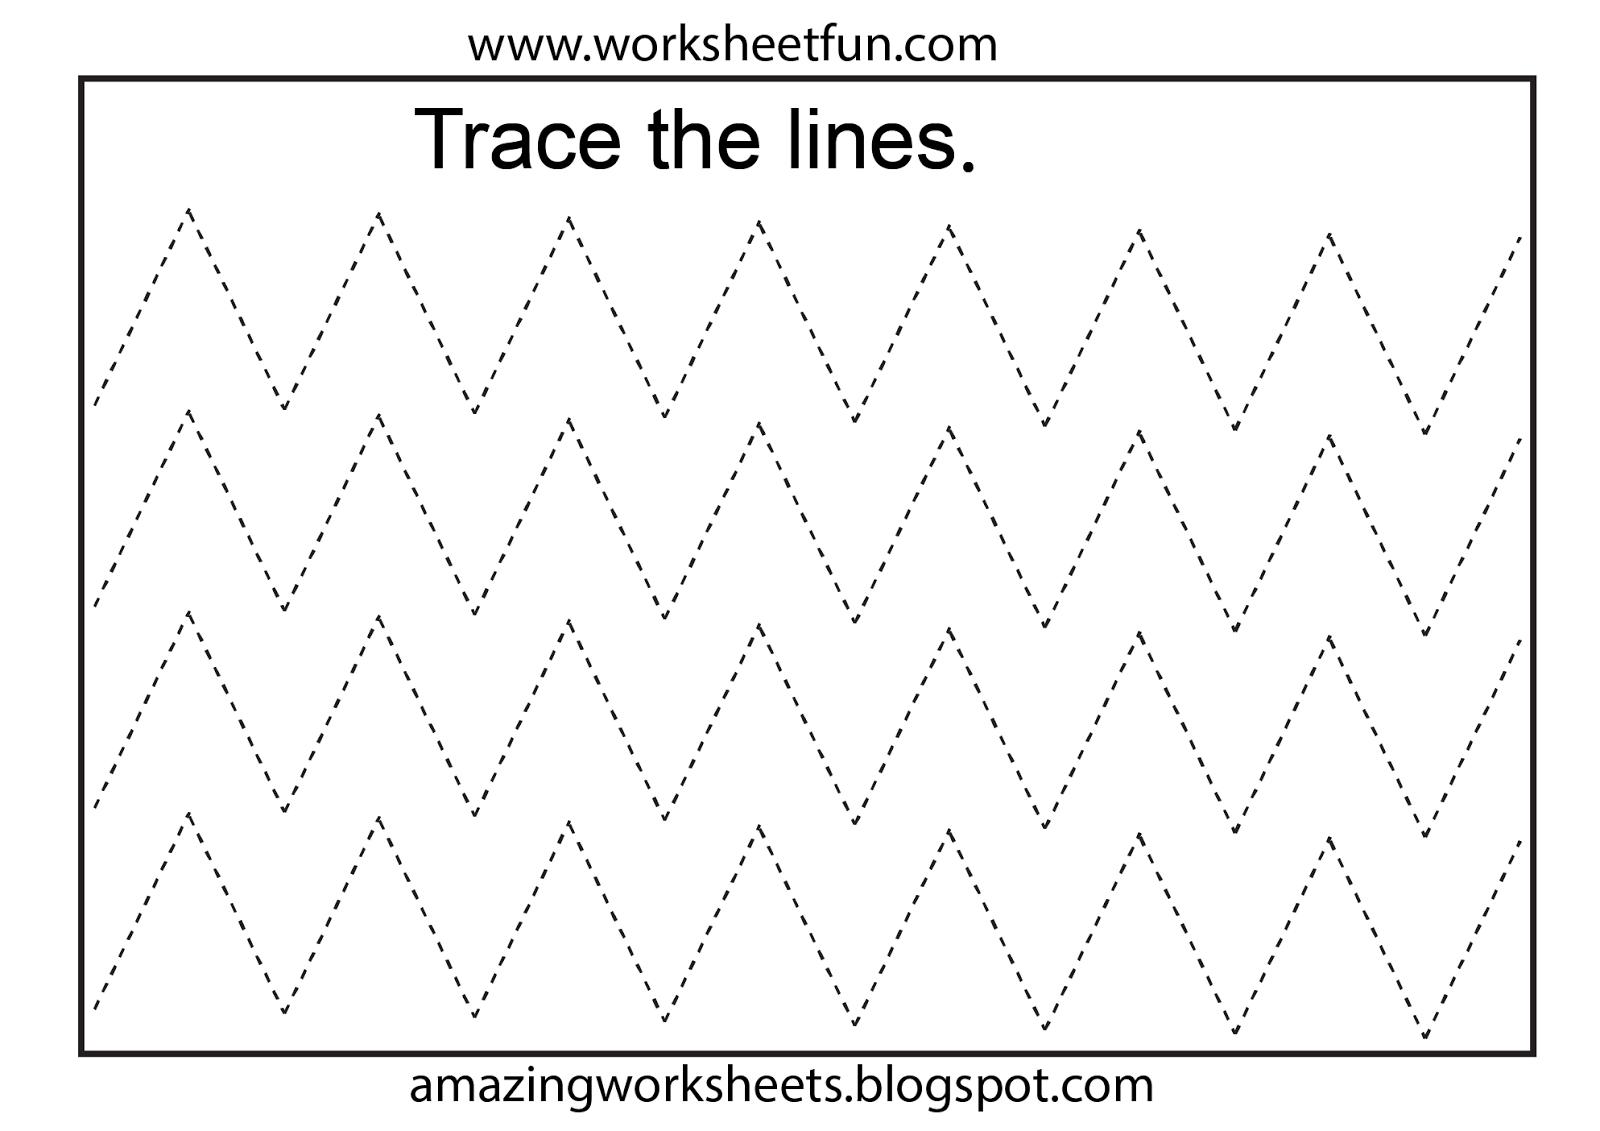 Free Printable Tracing Worksheets Preschool   Preschool Worksheets - Free Printable Fine Motor Skills Worksheets